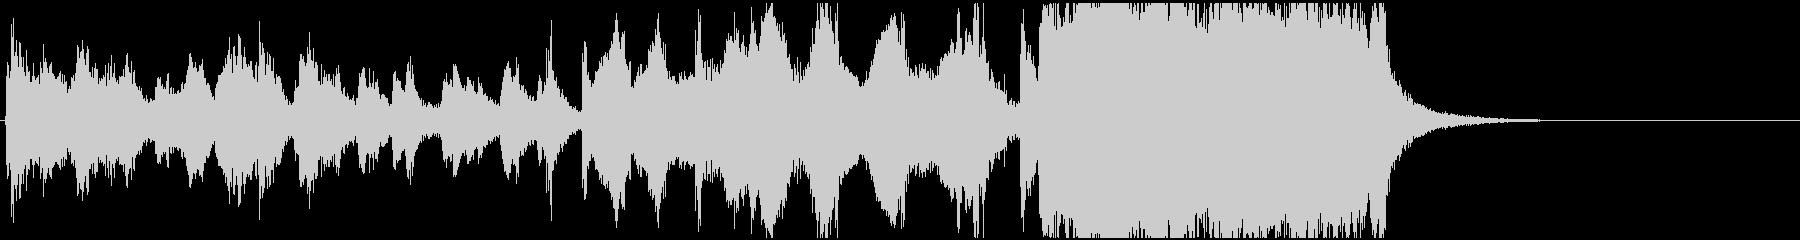 ジングル_ファンファーレ028 金管長めの未再生の波形